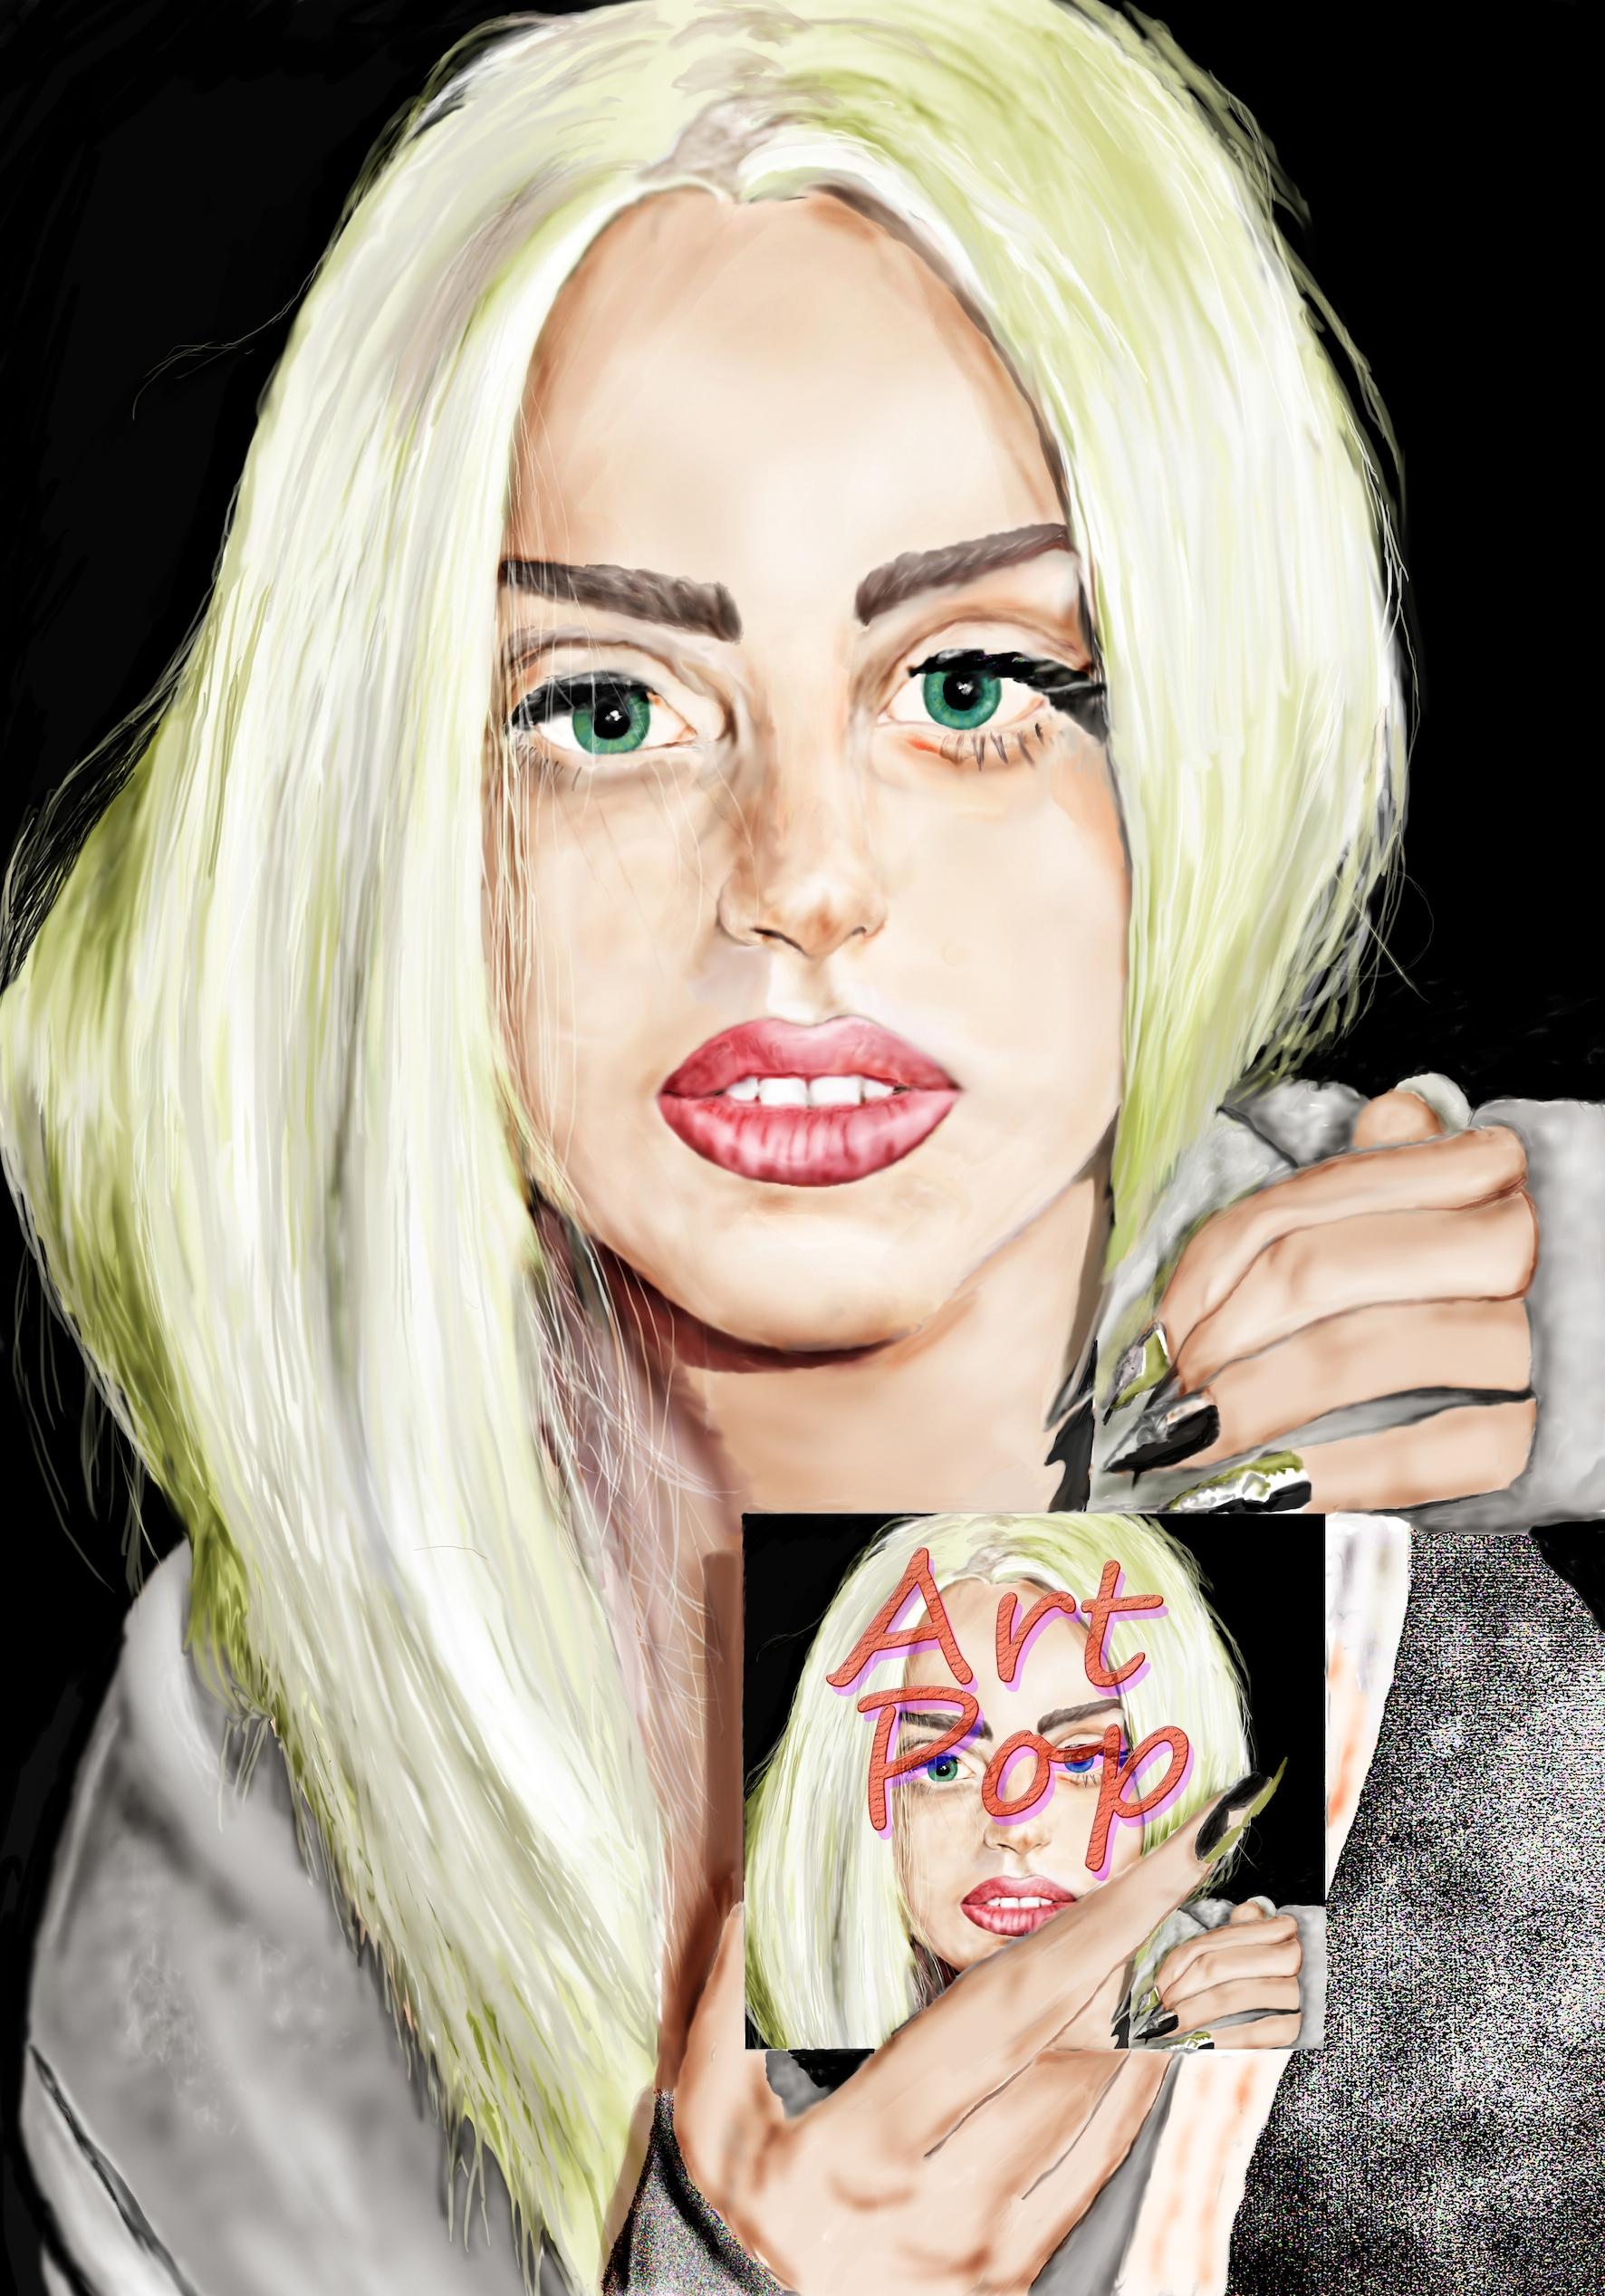 Lady Gaga gaga artpop